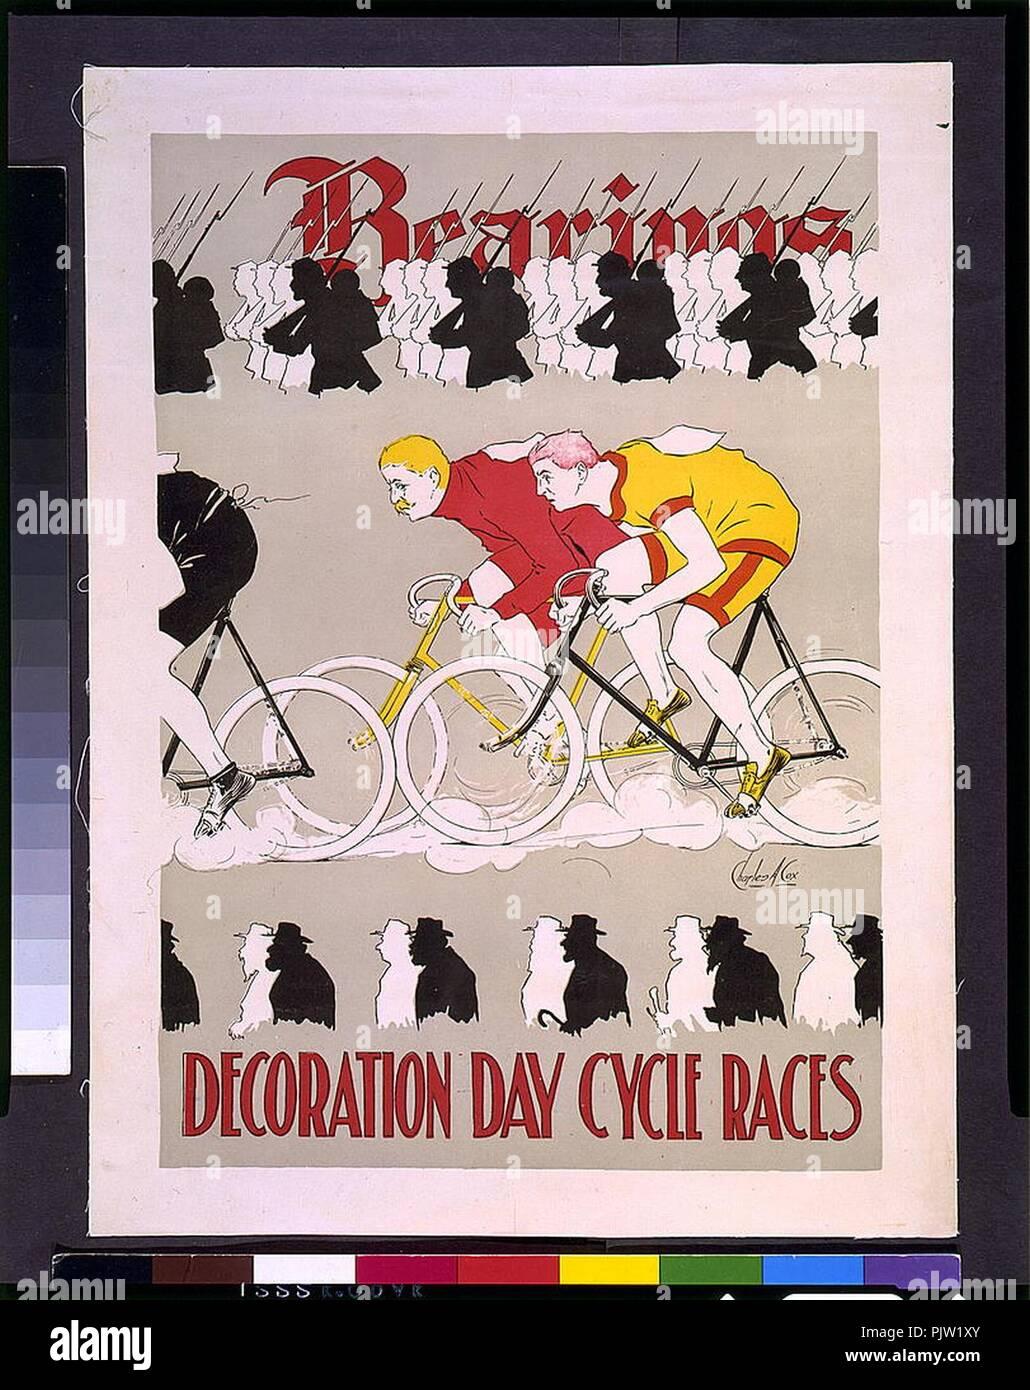 Die Lager Dekoration tag Radrennen - Charles A. Cox. Stockbild